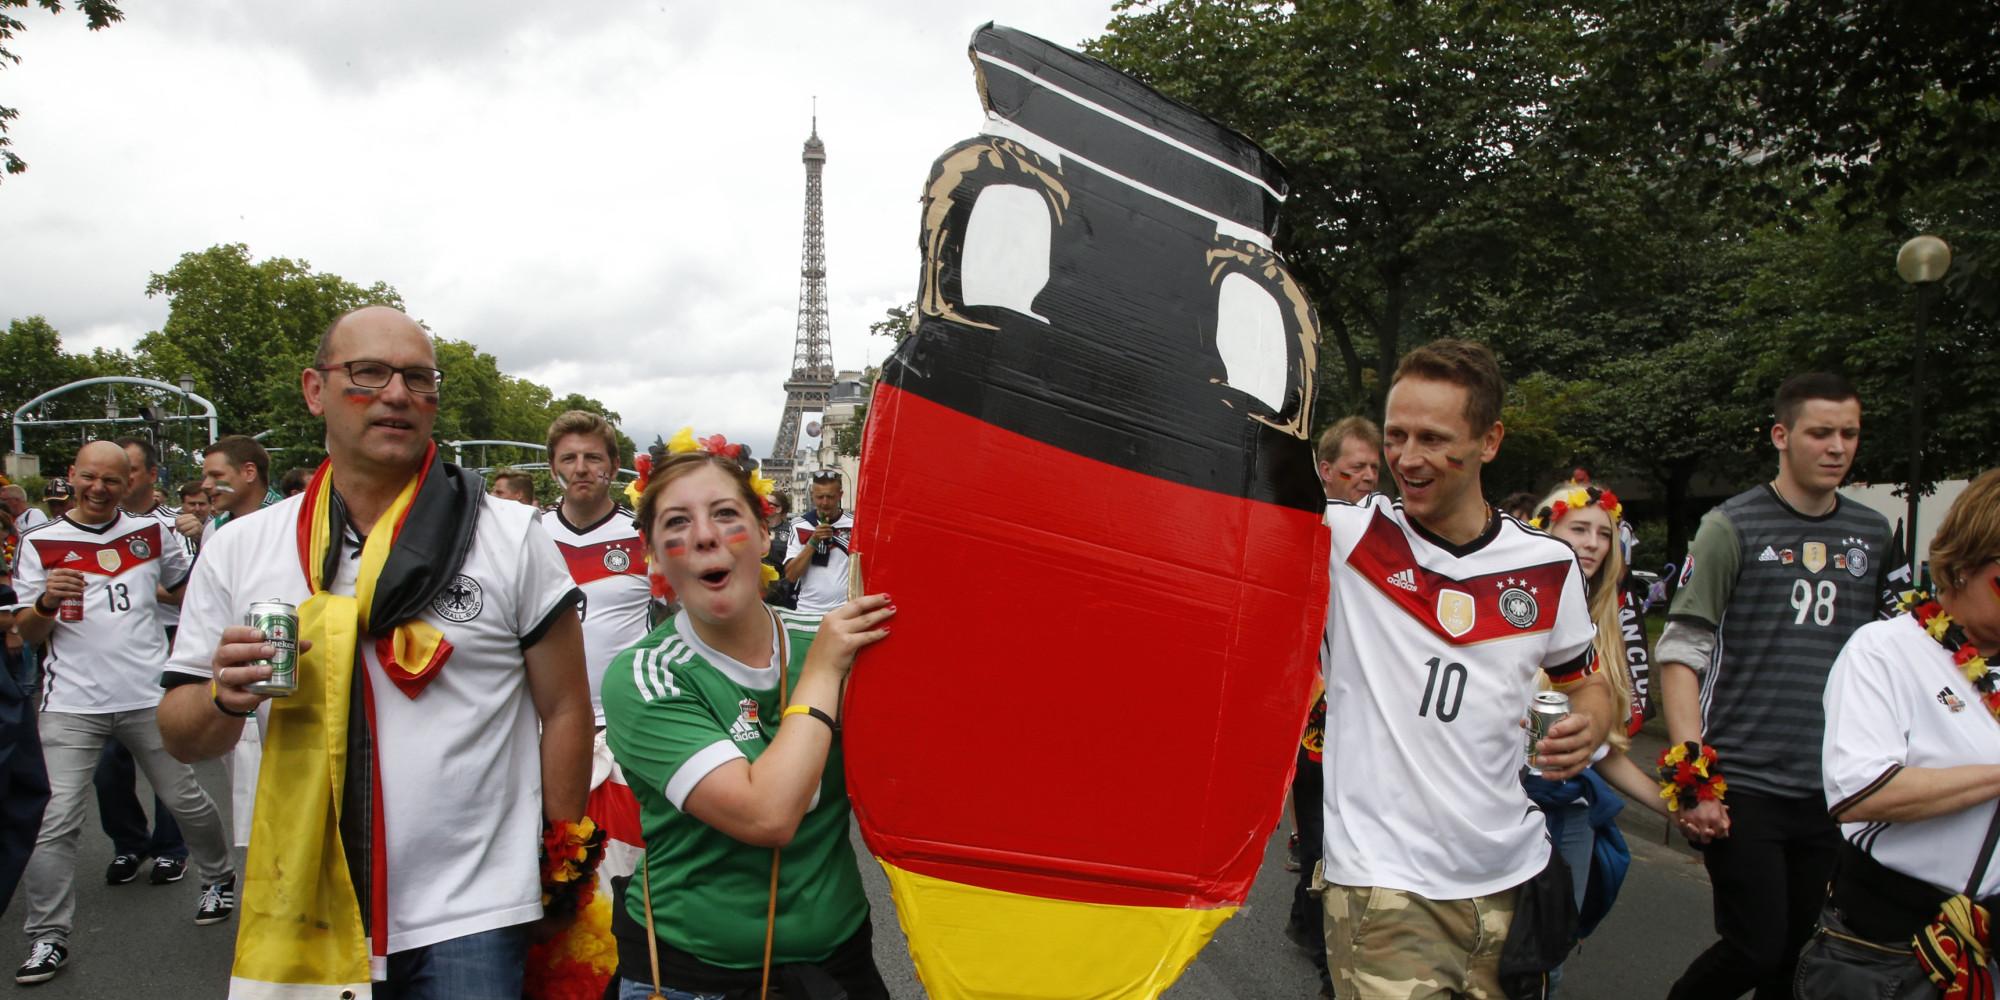 deutschland achtelfinale gegner